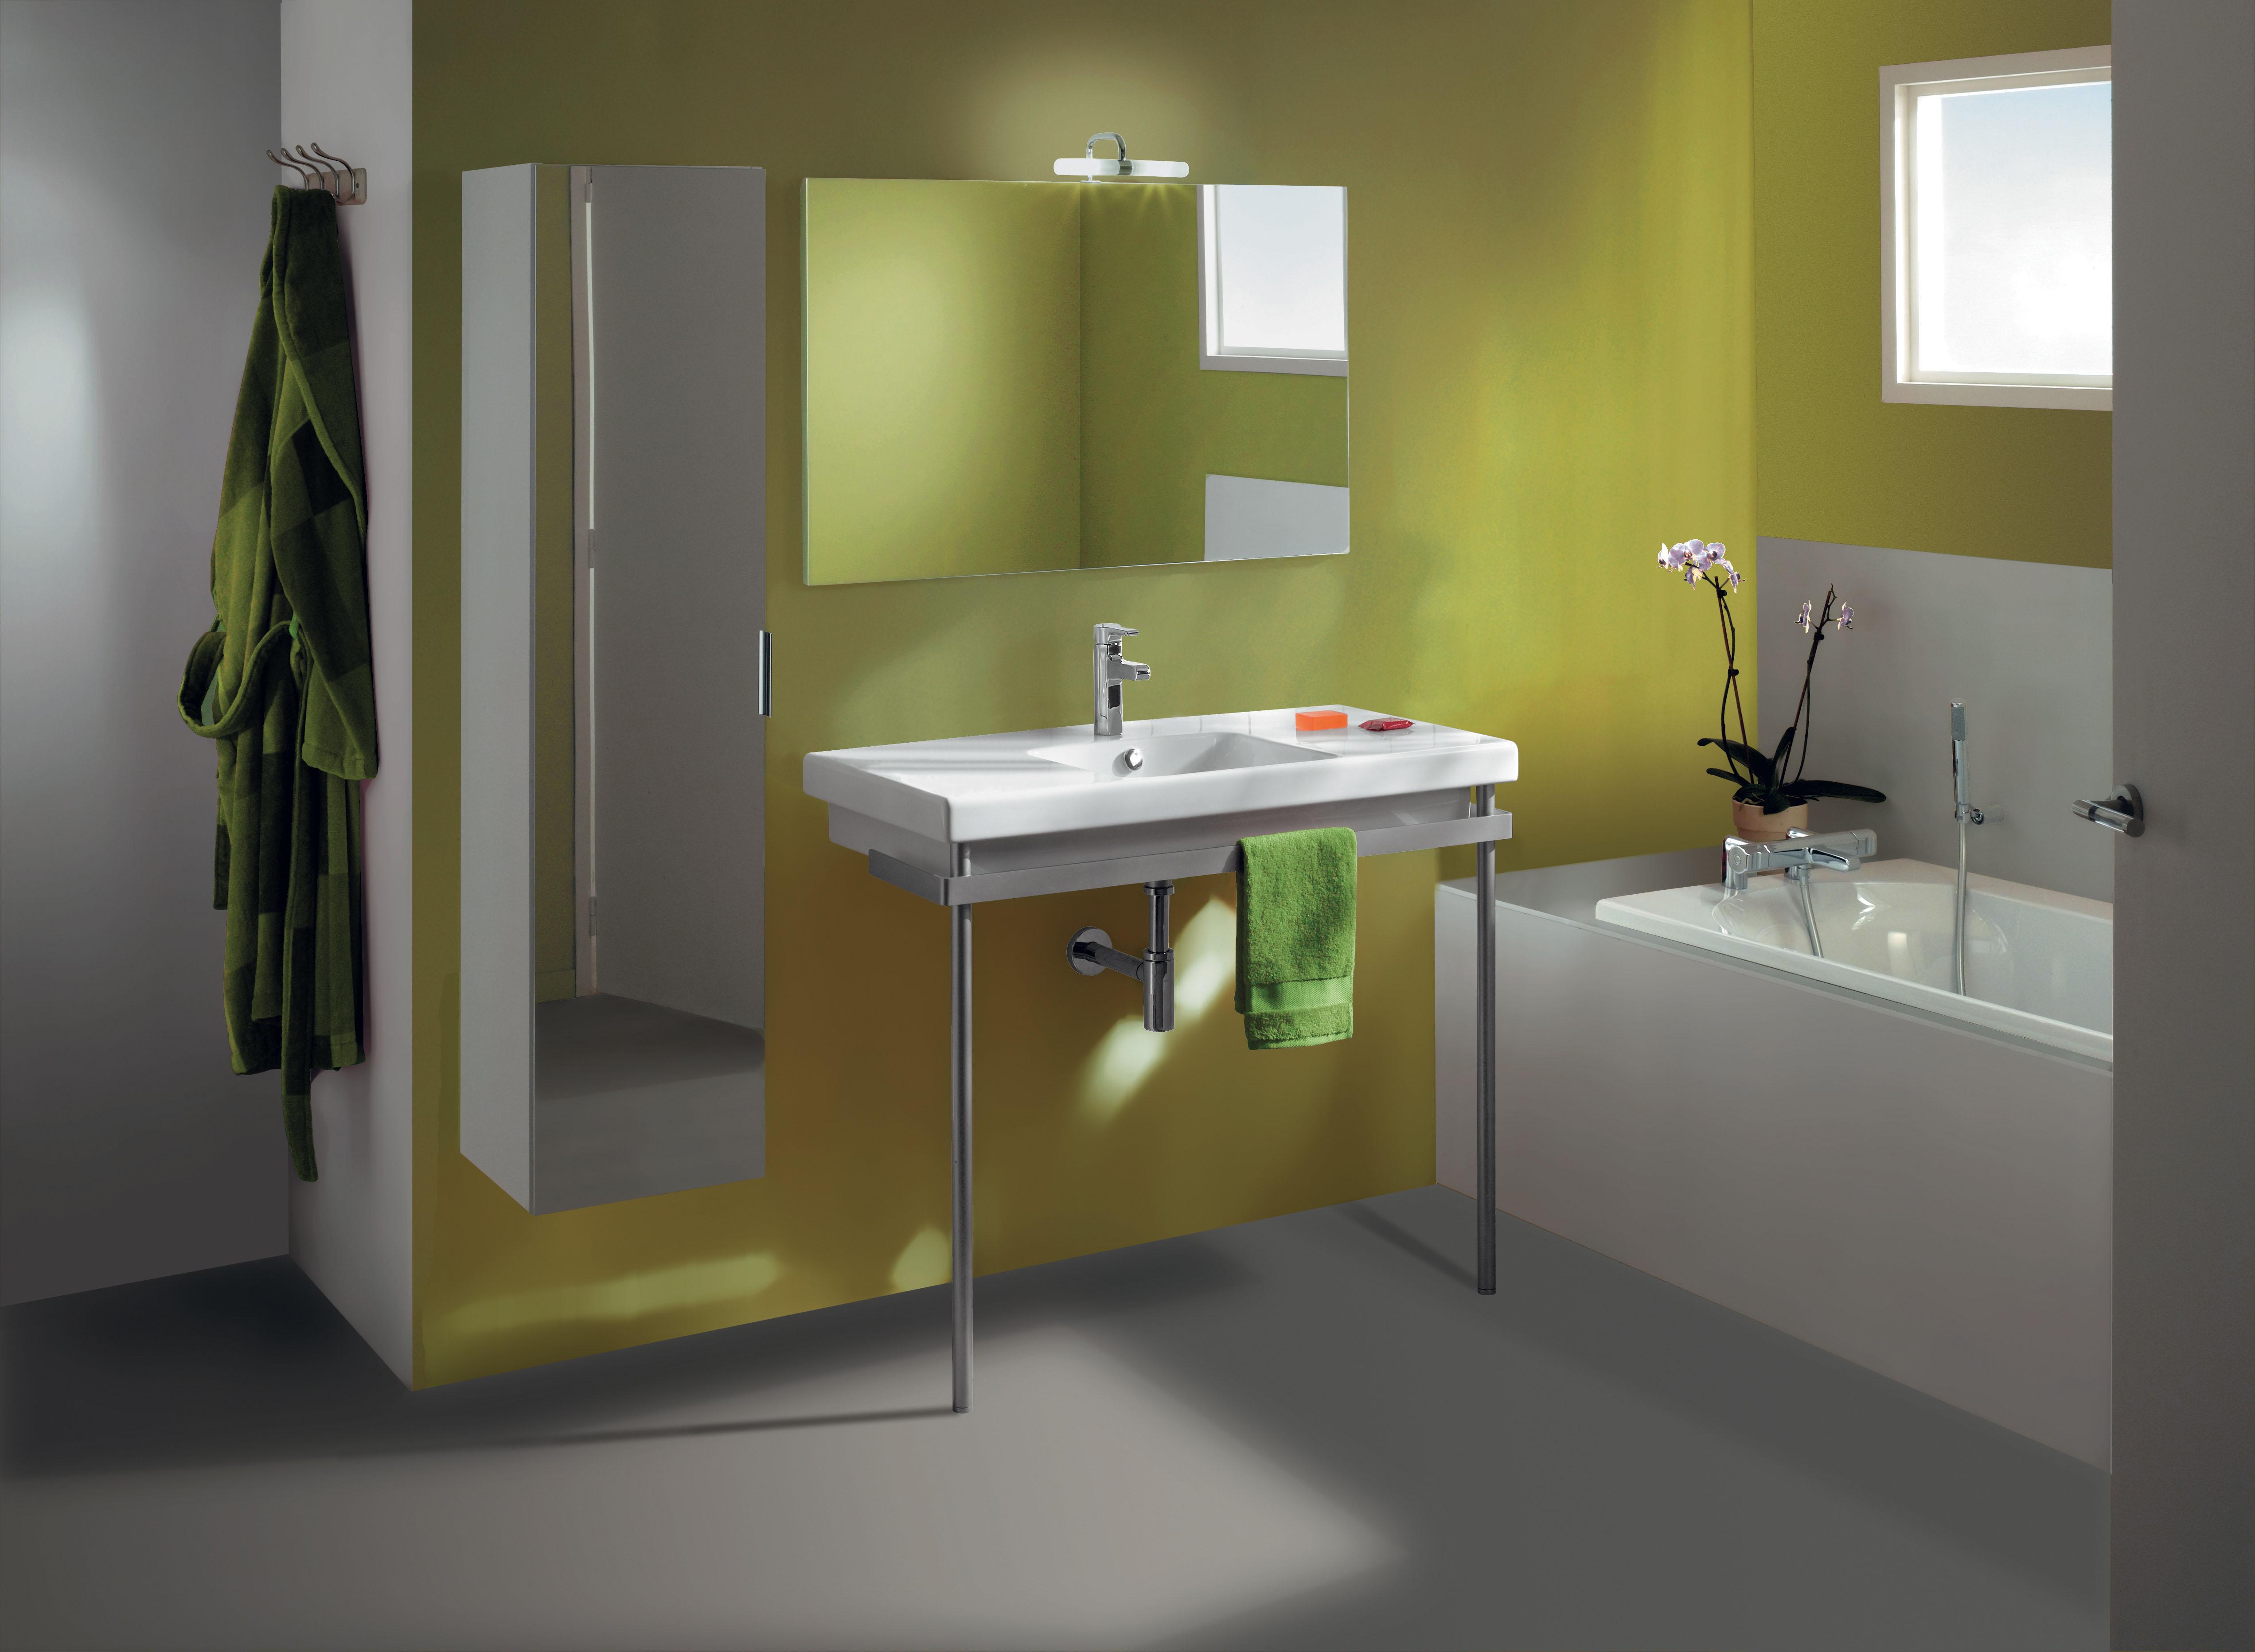 Abdichtung Fußboden Bad ~ Das müssen sie bei der abdichtung des bads beachten